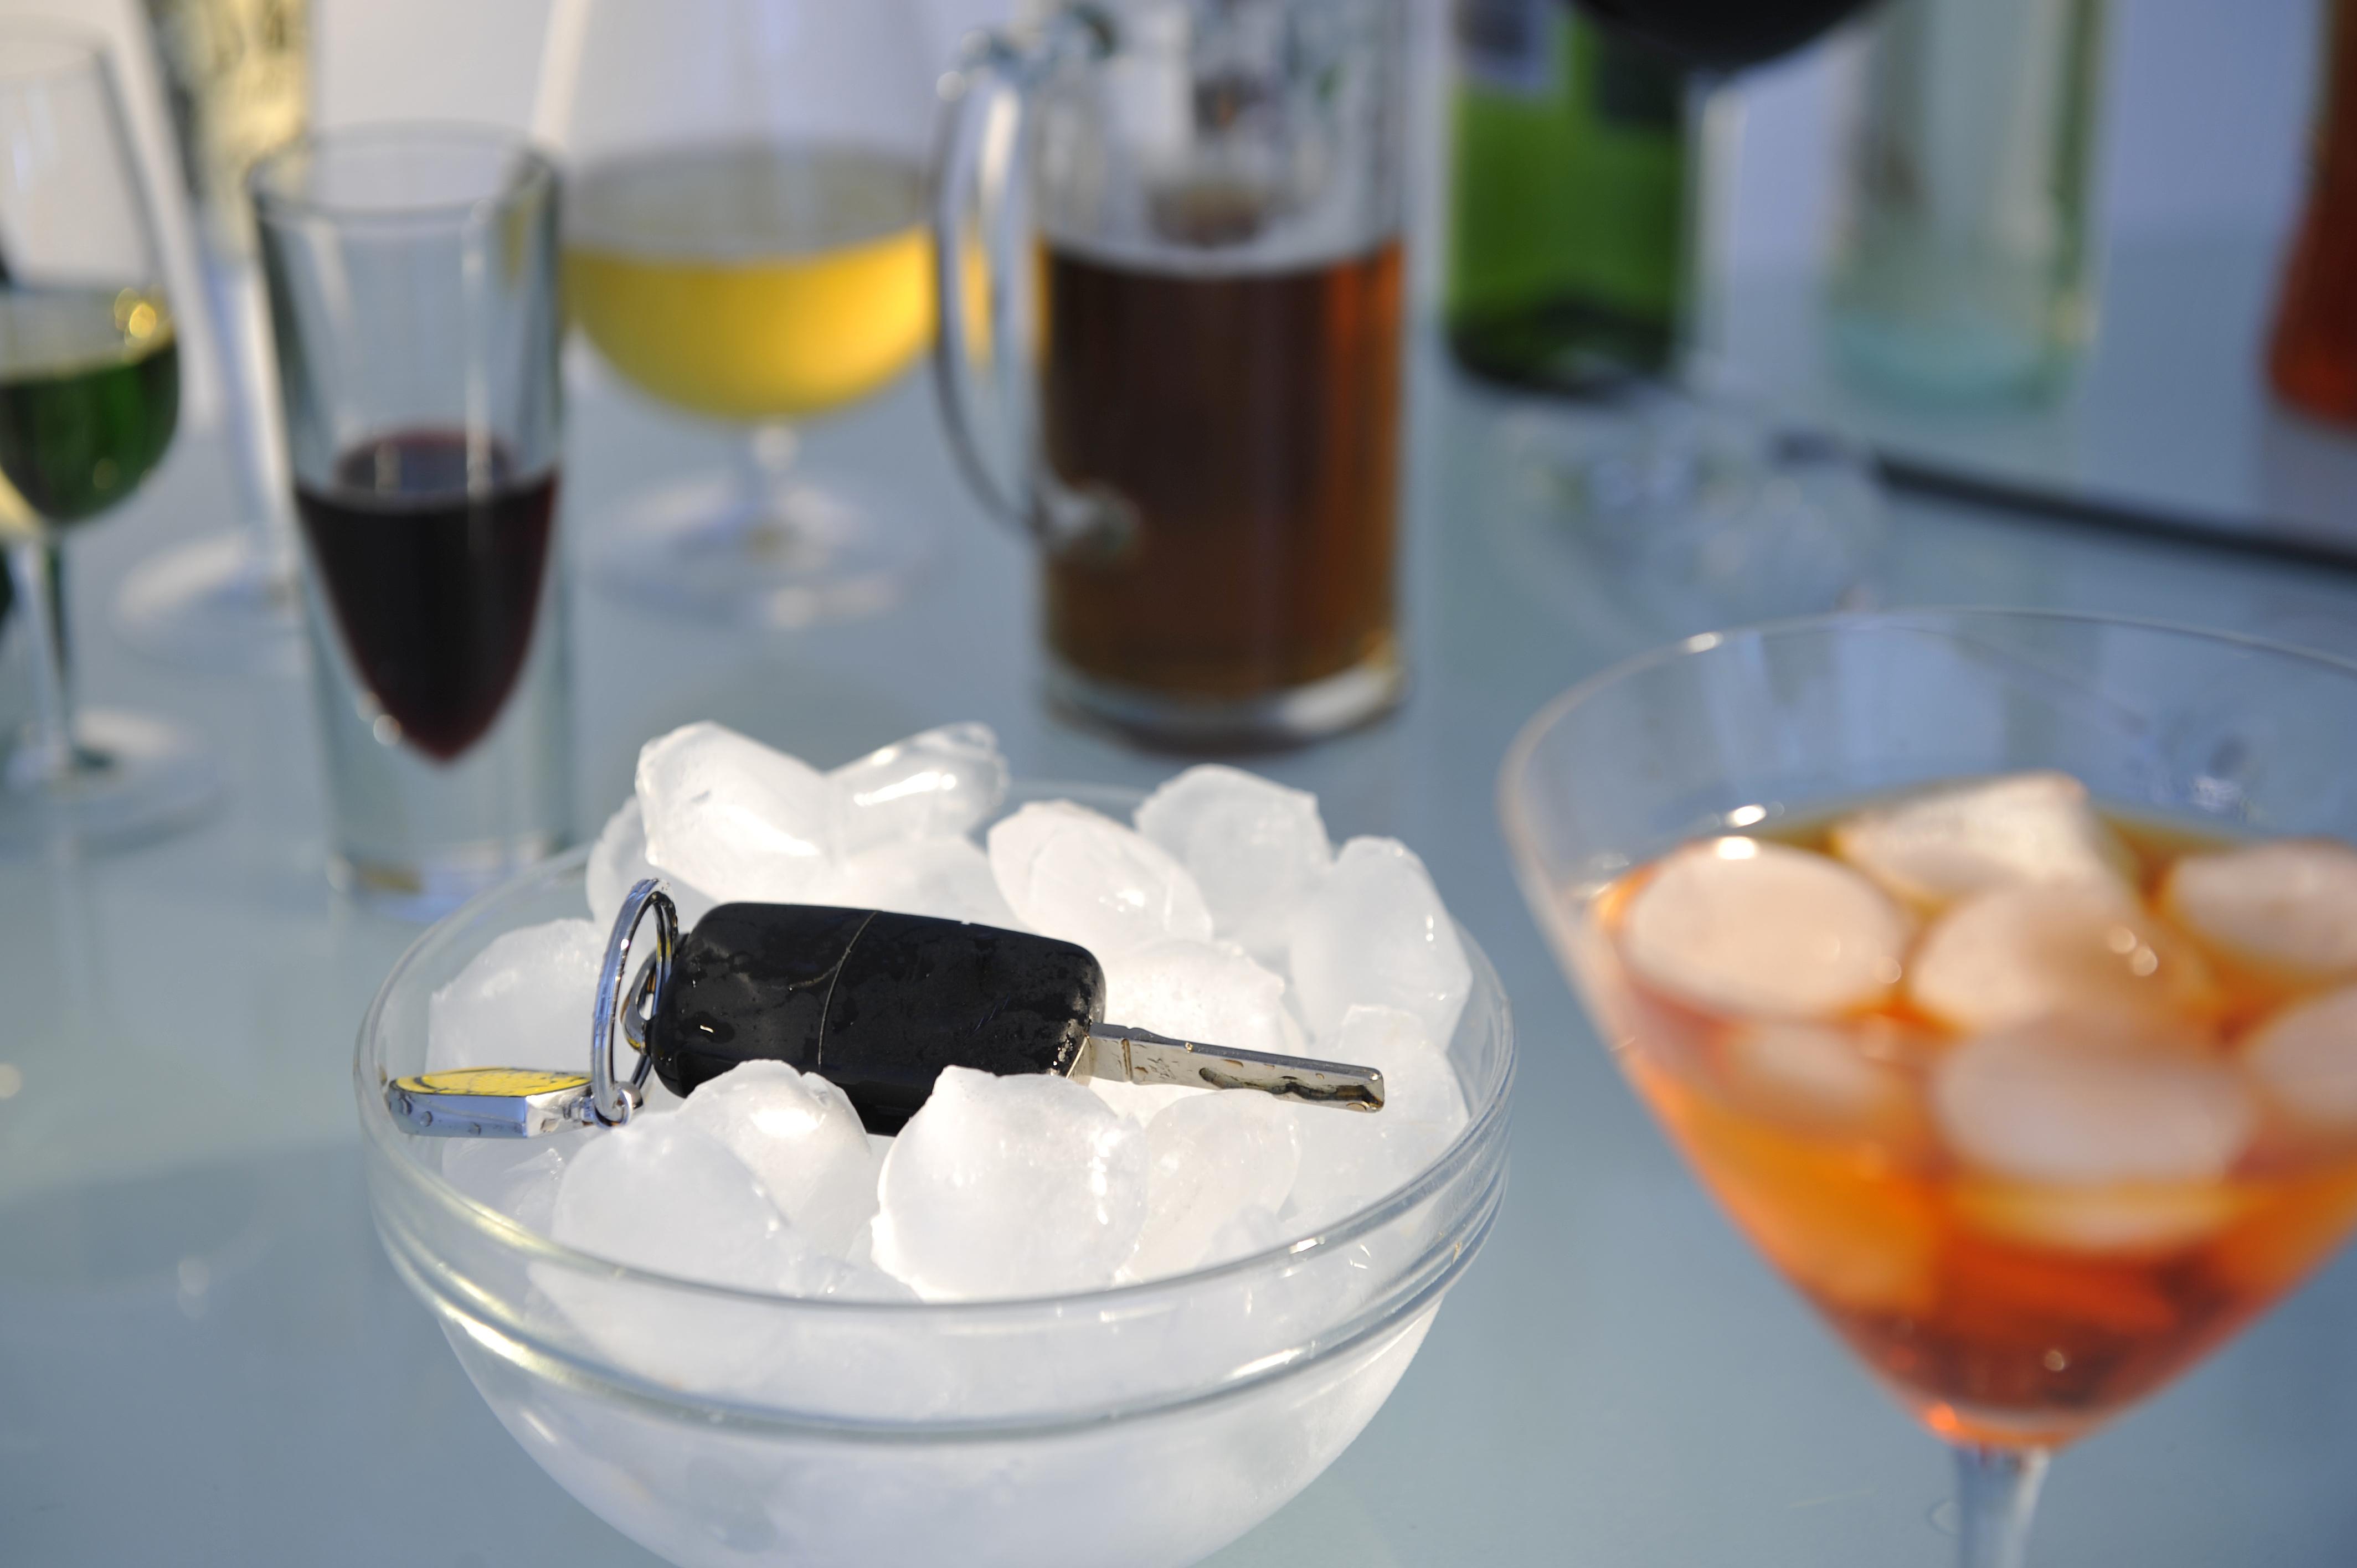 auto fahren und alkohol passen nicht zusammen alkohol. Black Bedroom Furniture Sets. Home Design Ideas